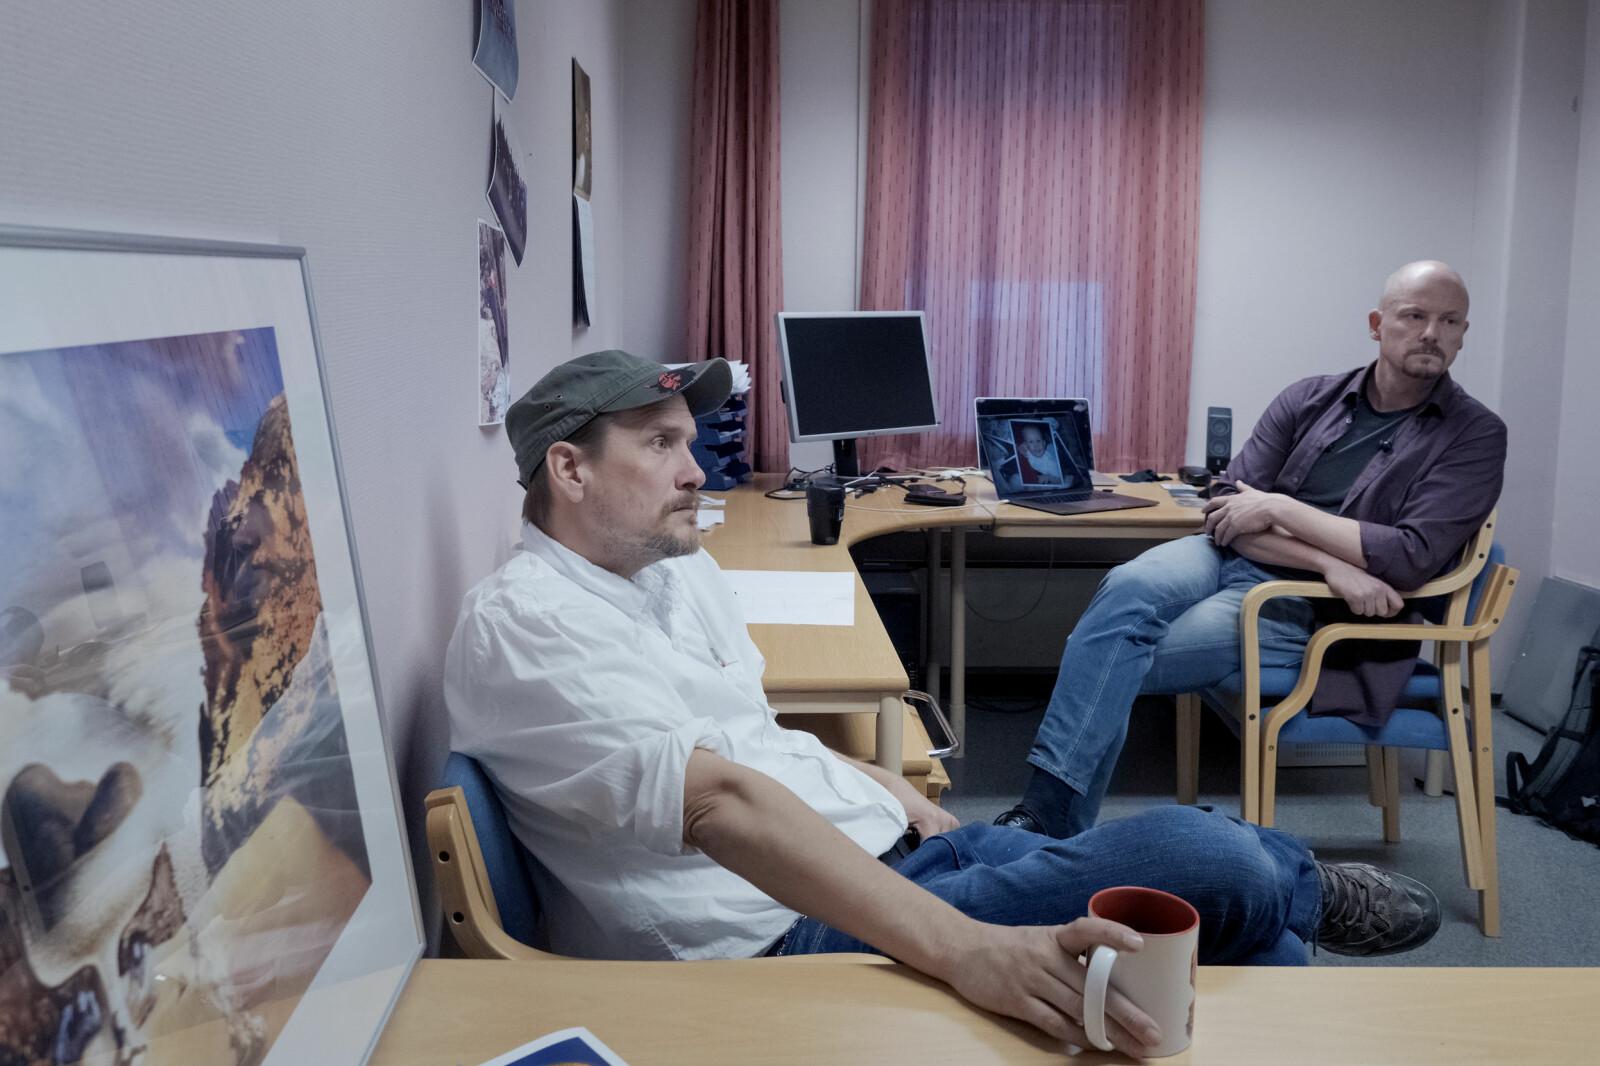 Digitalt, nærings- og framtidsretta, meiner Steven Ford (til venstre) og Trond Olav Skevik som arbeider på spellinja Steinkjer. — Fire år på å bygge InnoCamp i Steinkjer, og så flytte til Levanger? Det gir ikkje meining, meiner Ford. Foto: Paul S. Amundsen